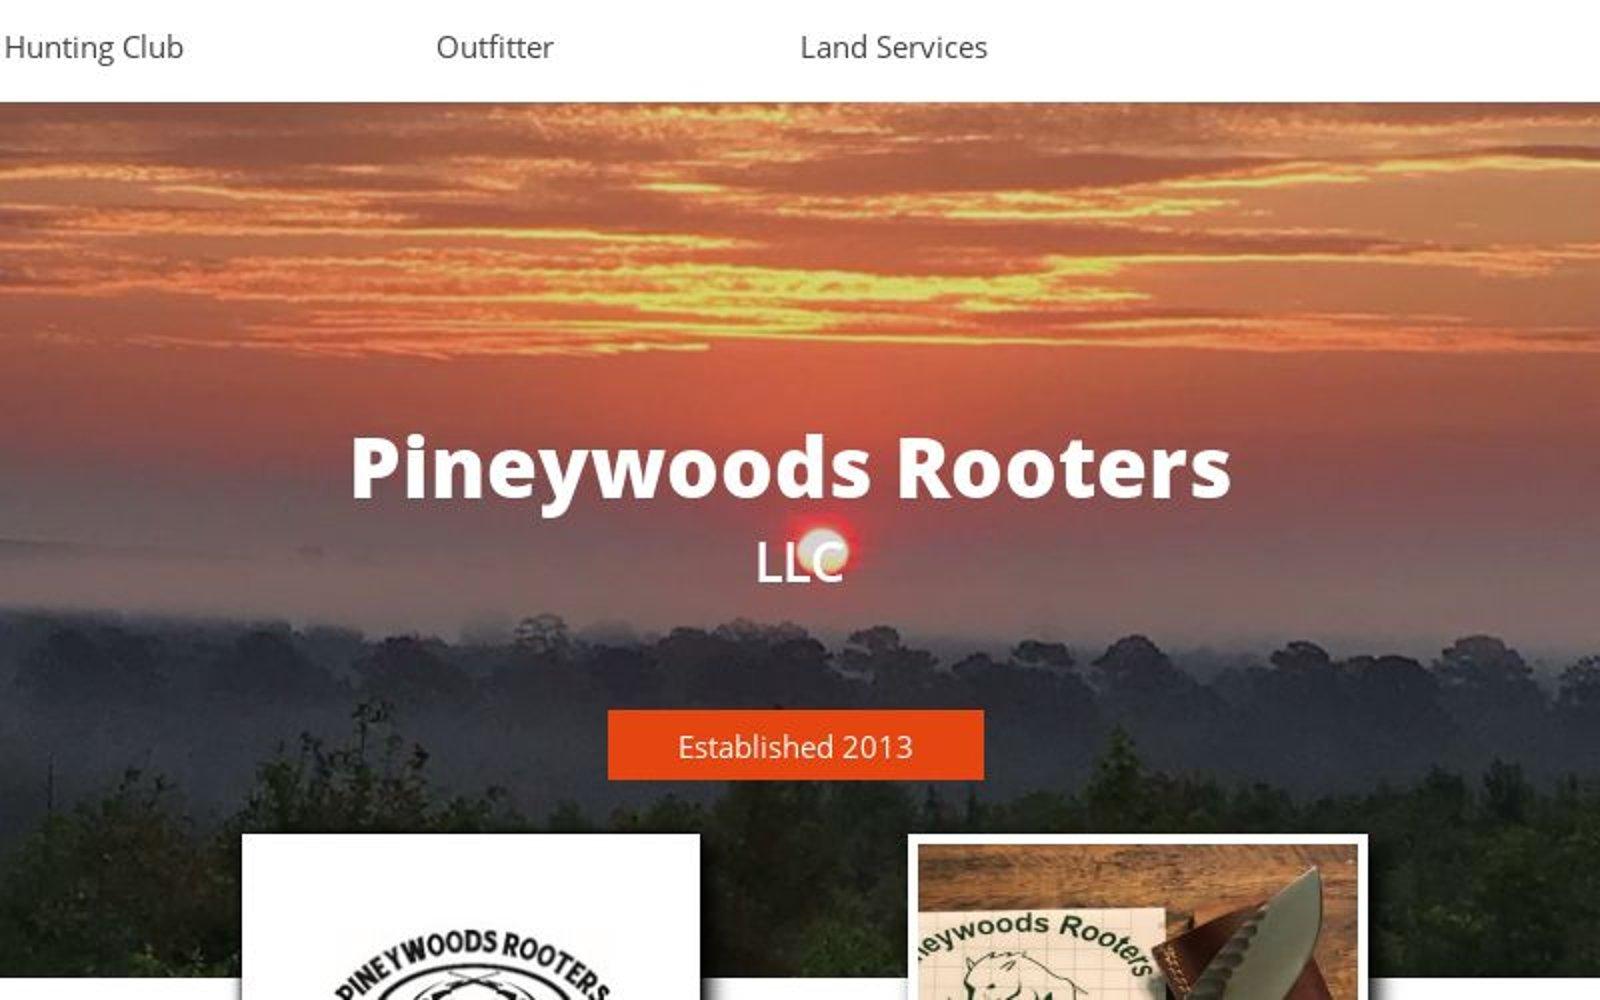 pineywoodsrooters.com